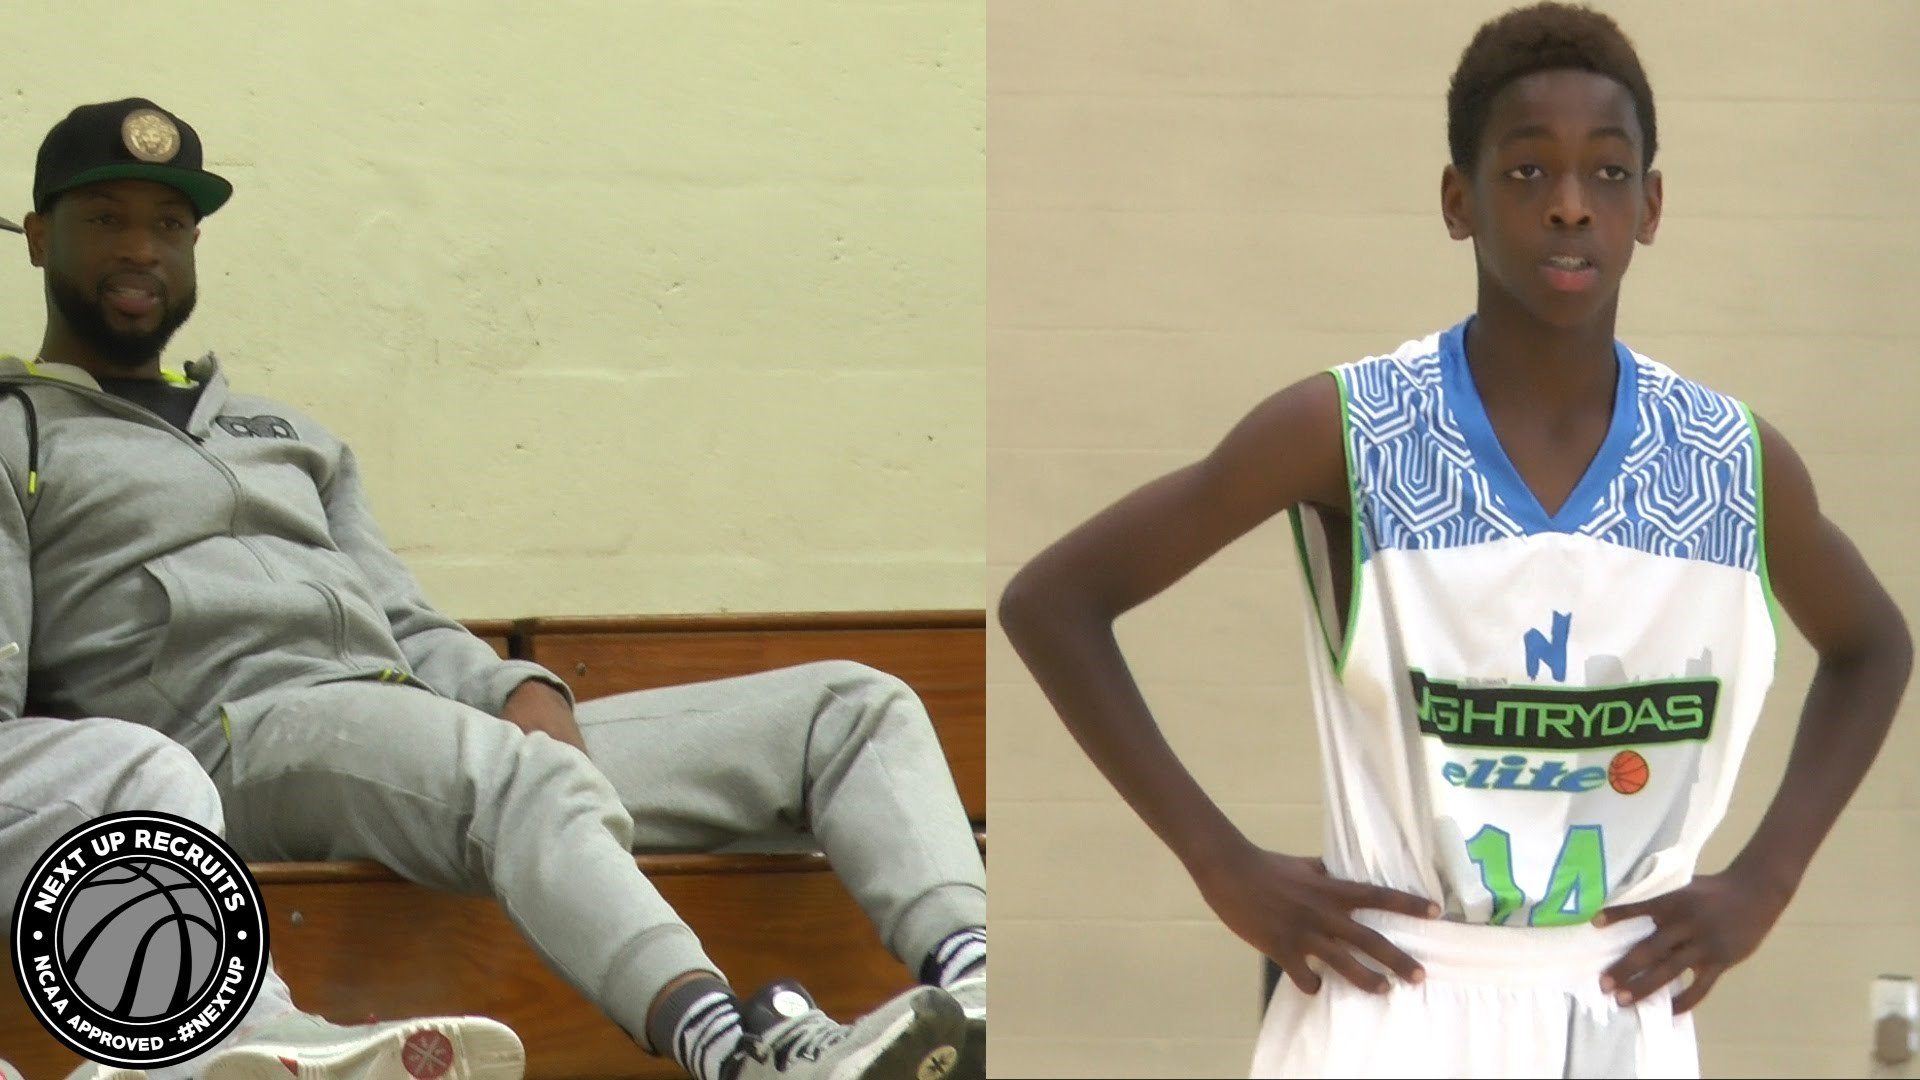 Vidéo: Zaire Wade, 14 ans, continue d'impressionner